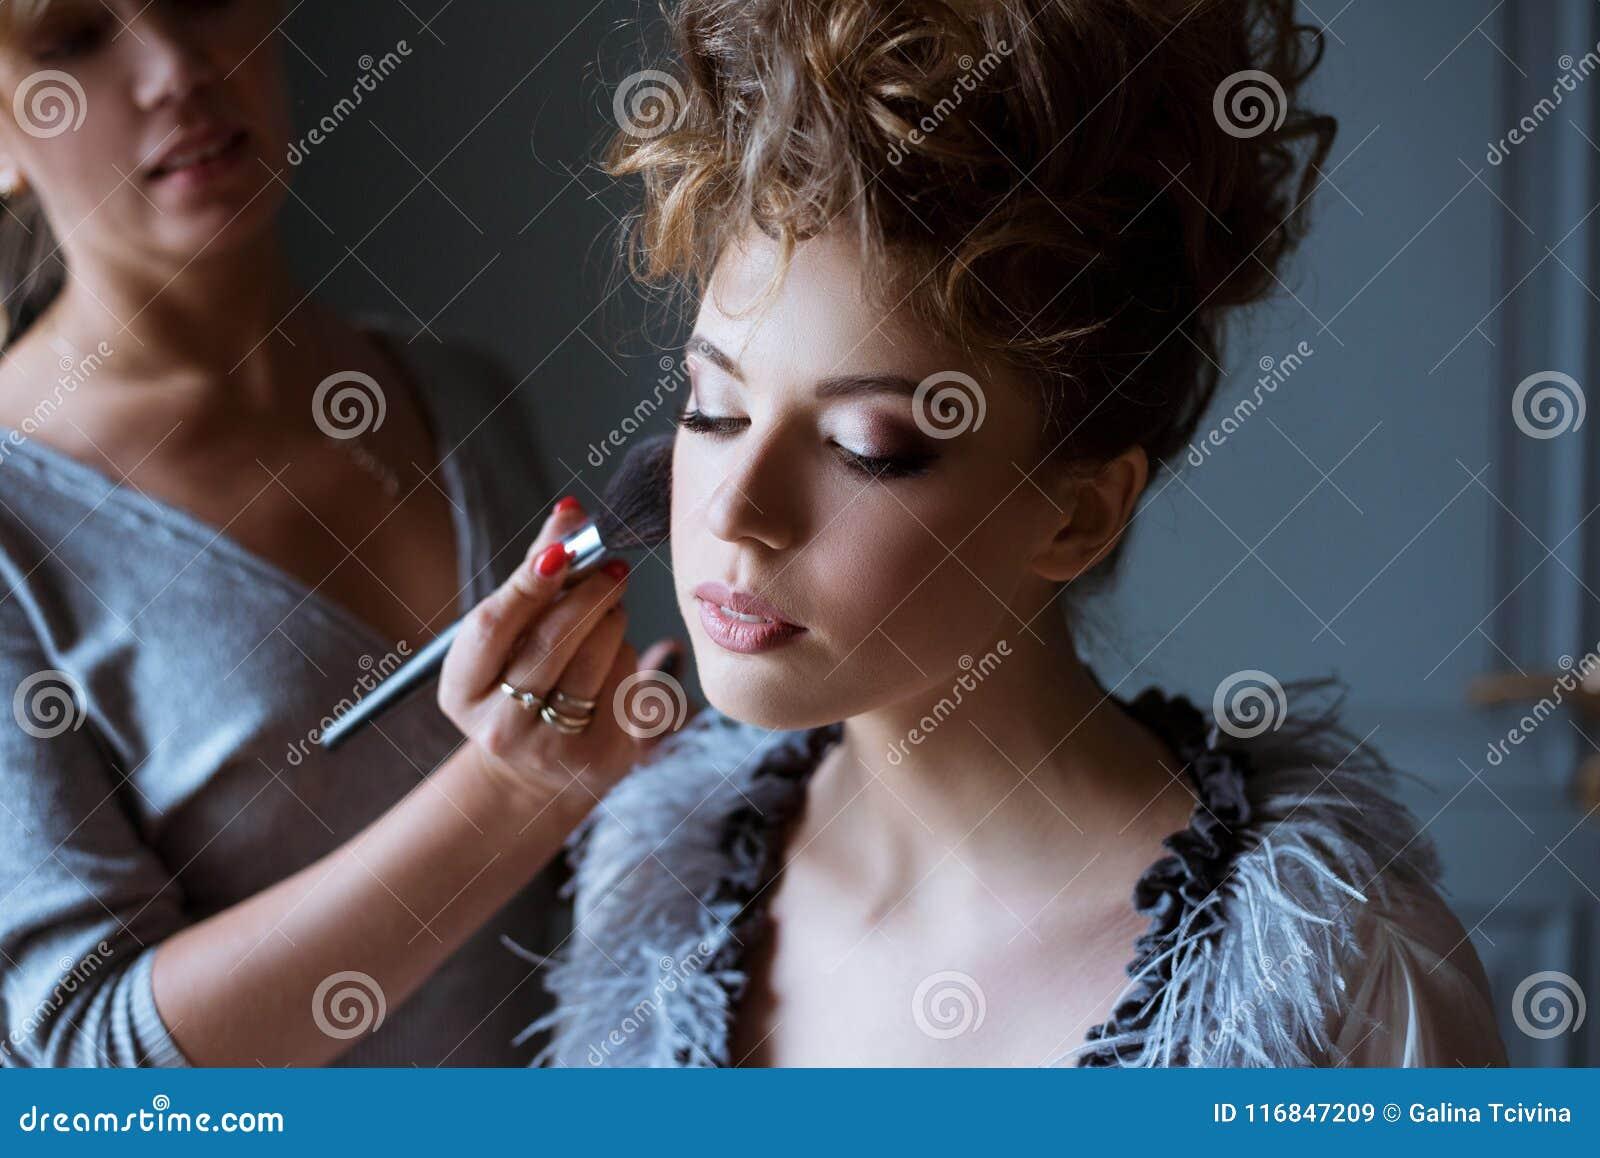 Wedding Makeup Artist Making A Make Up For Bride Stock Image